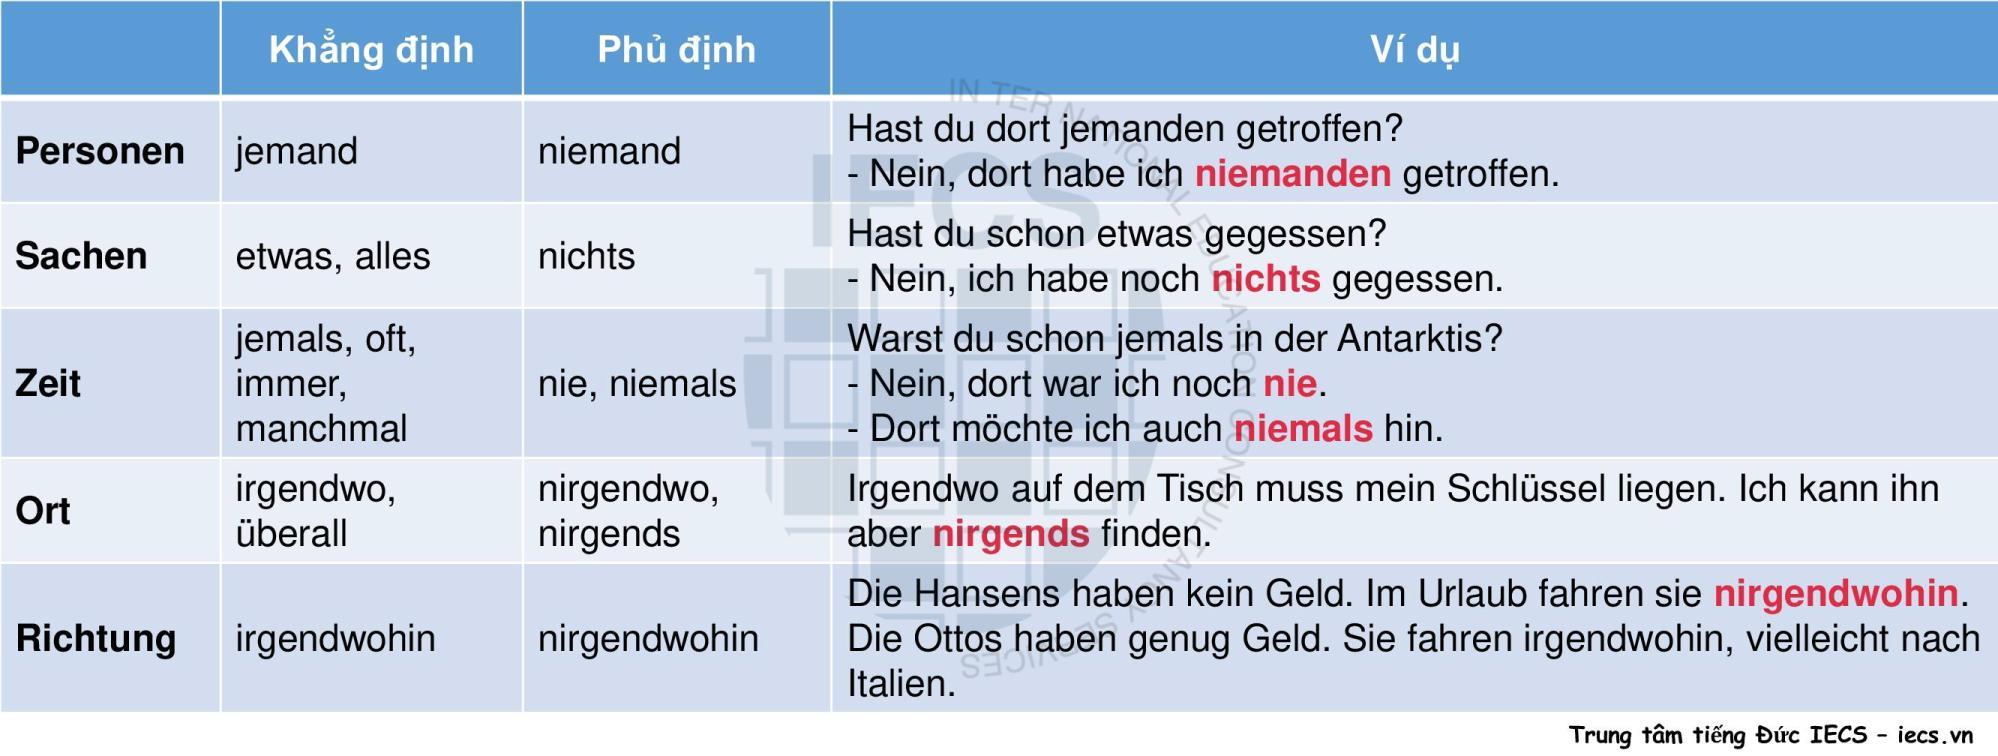 Phủ định trong tiếng Đức